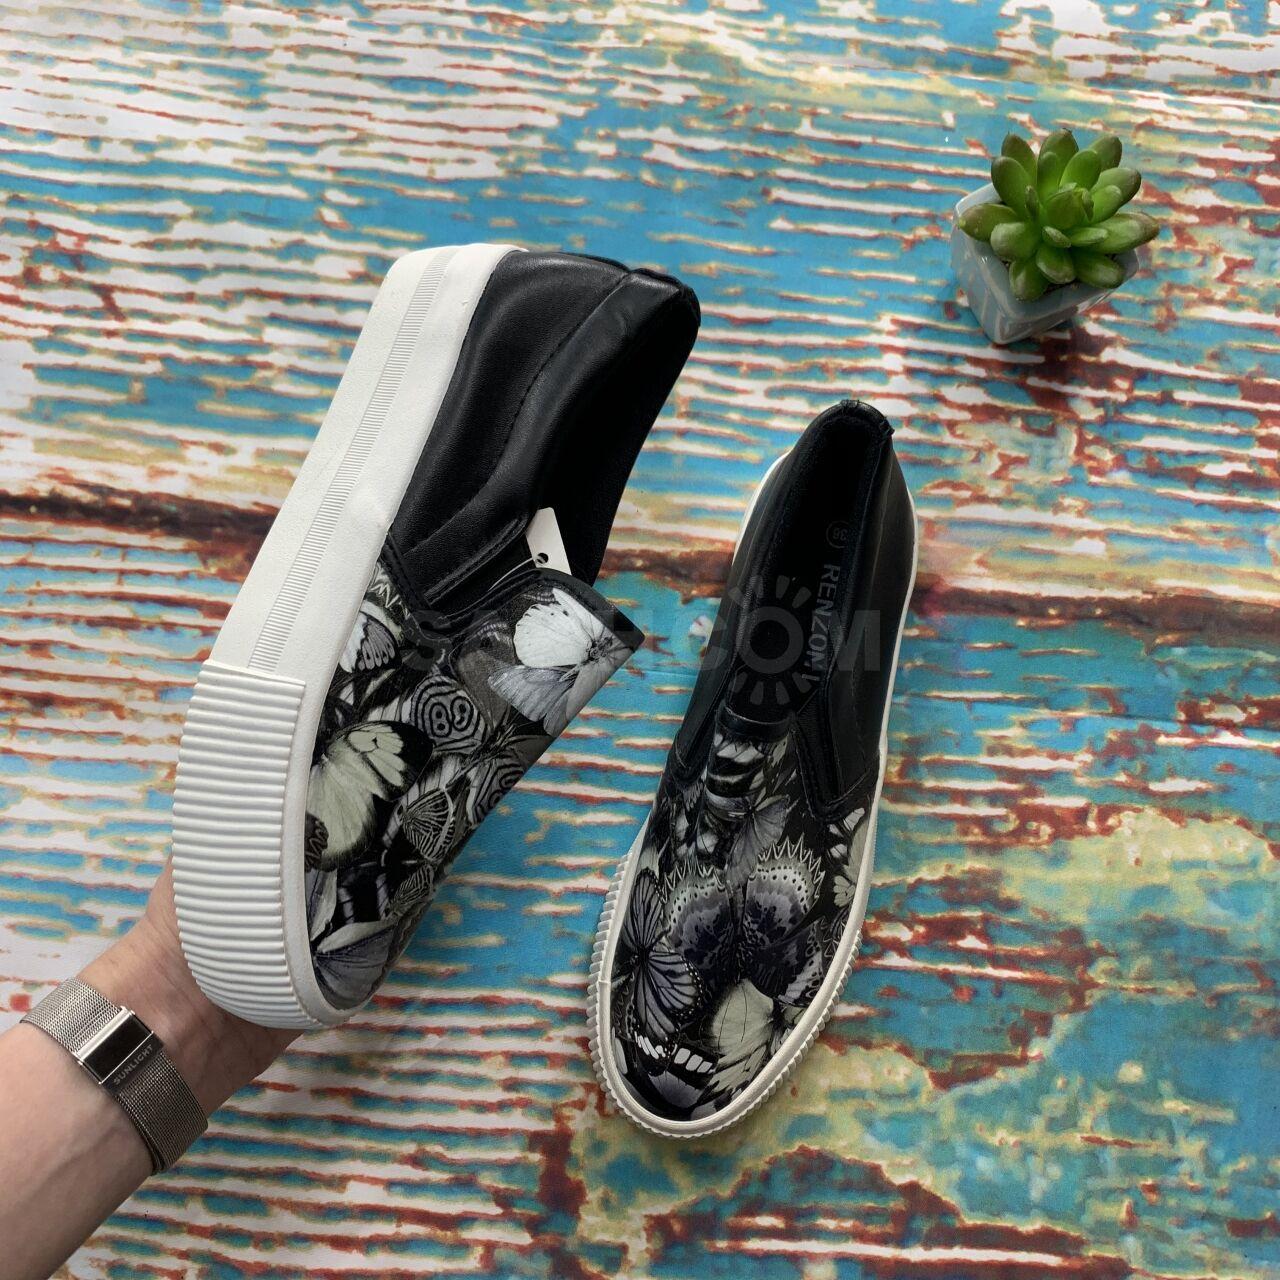 28bc5d59c Продам новые слипоны 35 и 37 размера. - 500 руб. Одежда, обувь и ...